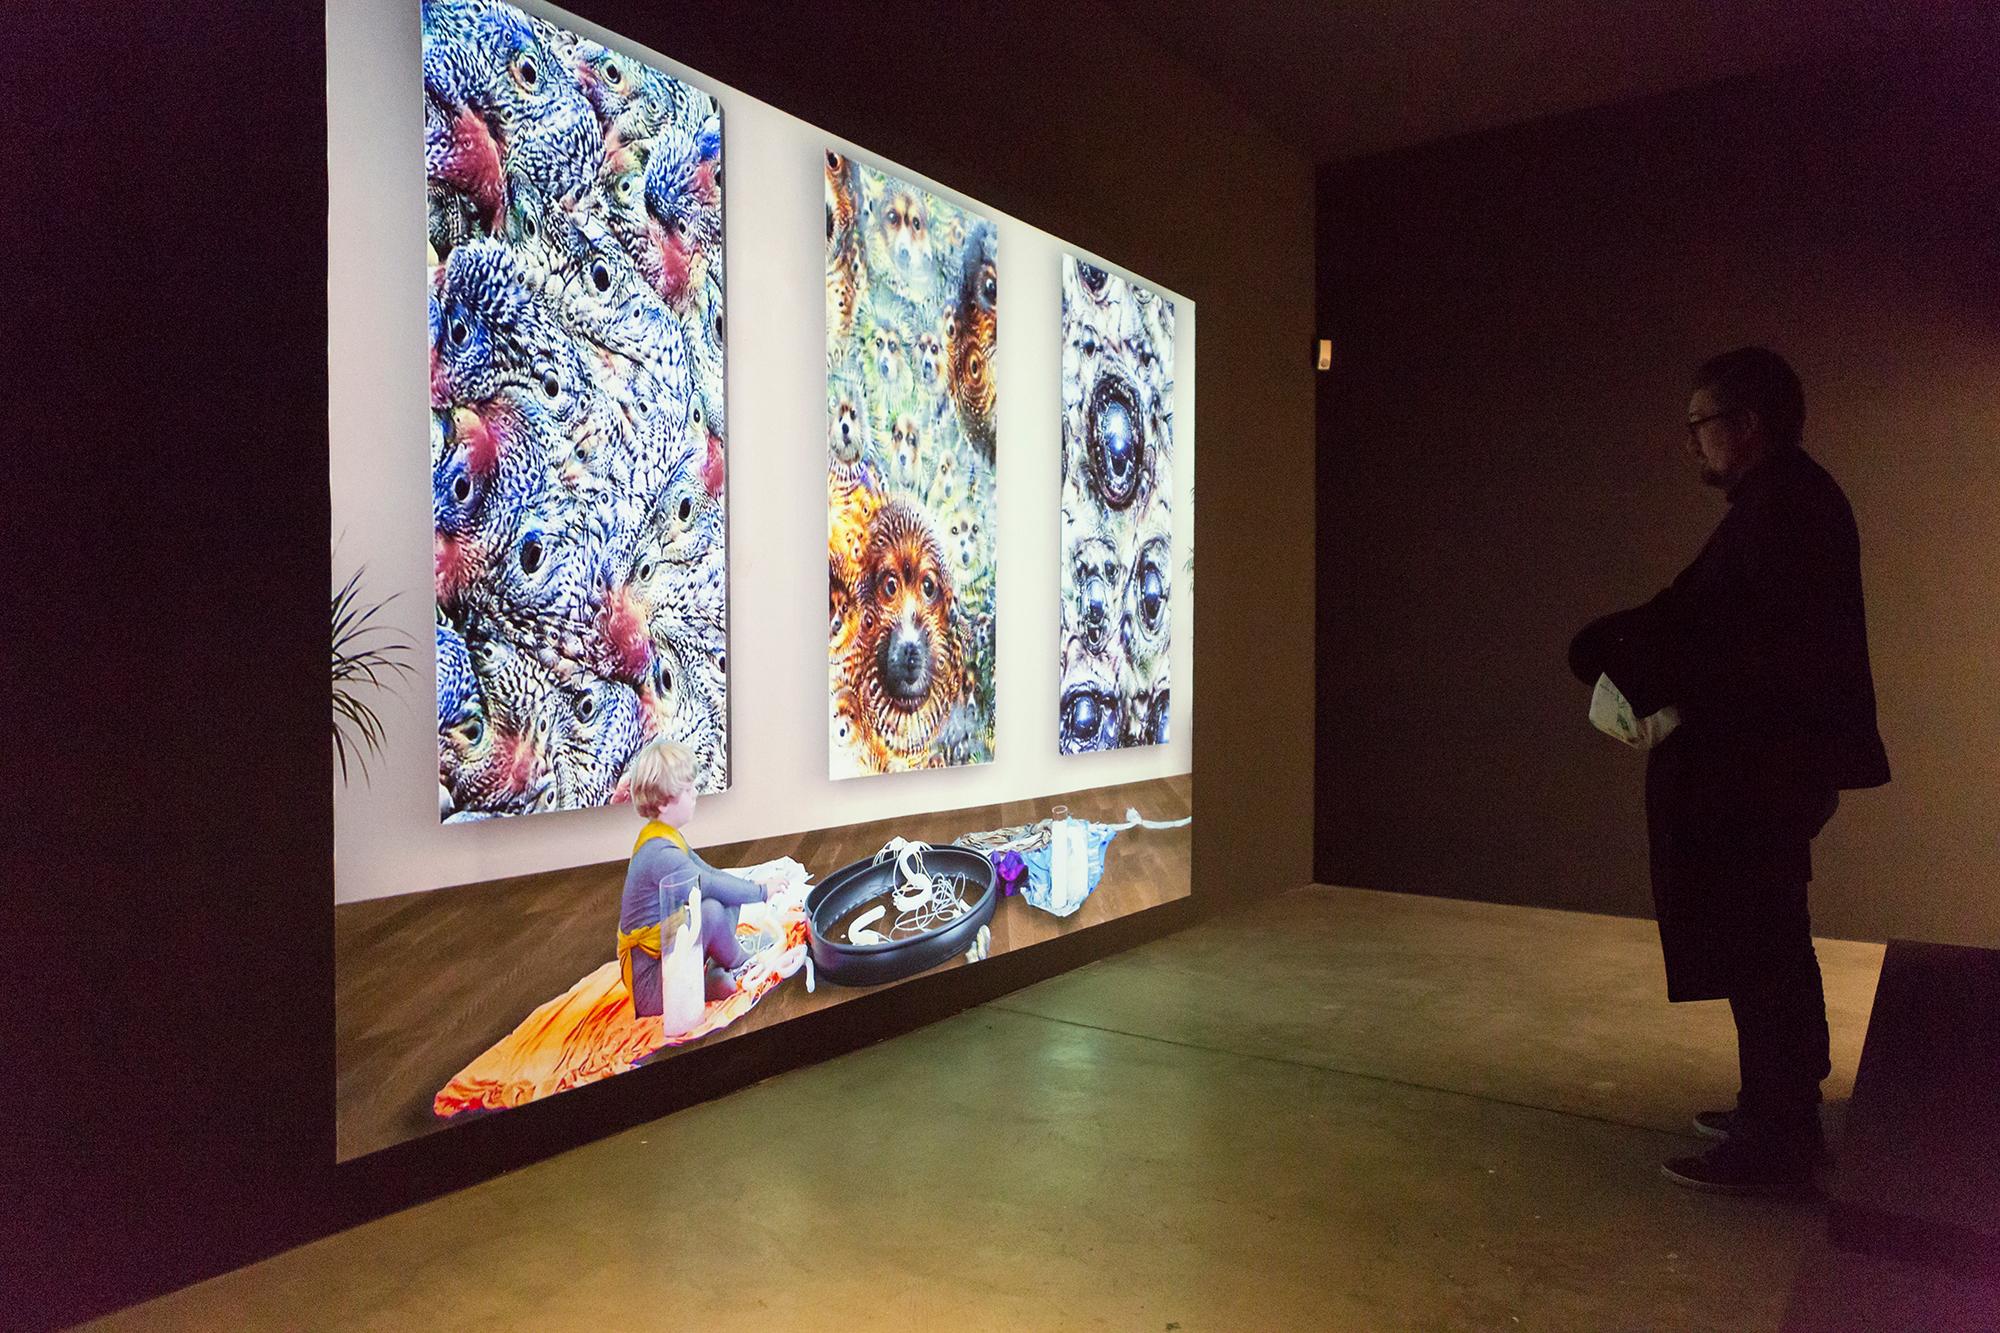 Die Video-Installation «My Elegant Robot Freedom» (2016) von Bruce Sterling, Sheldon Brown und anderen. Sterling stand den Machern der Ausstellung als Berater zur Seite.